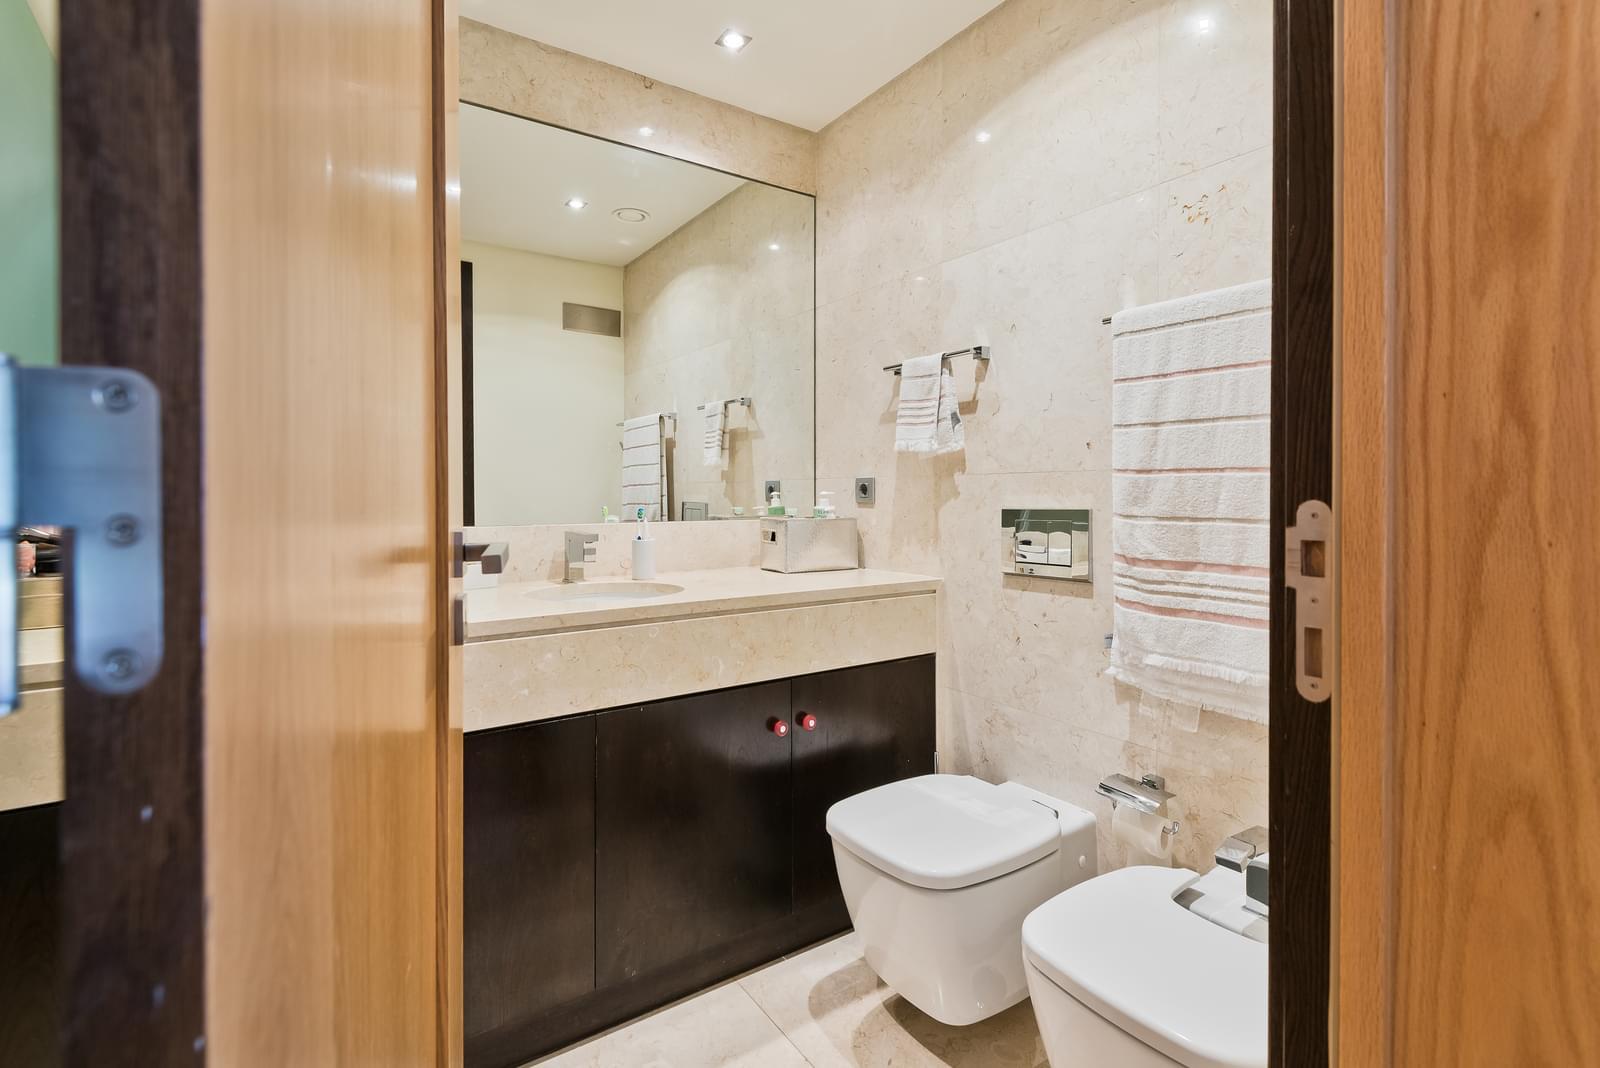 pf18030-apartamento-t4-cascais-46550354-18d7-4a2b-925f-a993cd793a4a